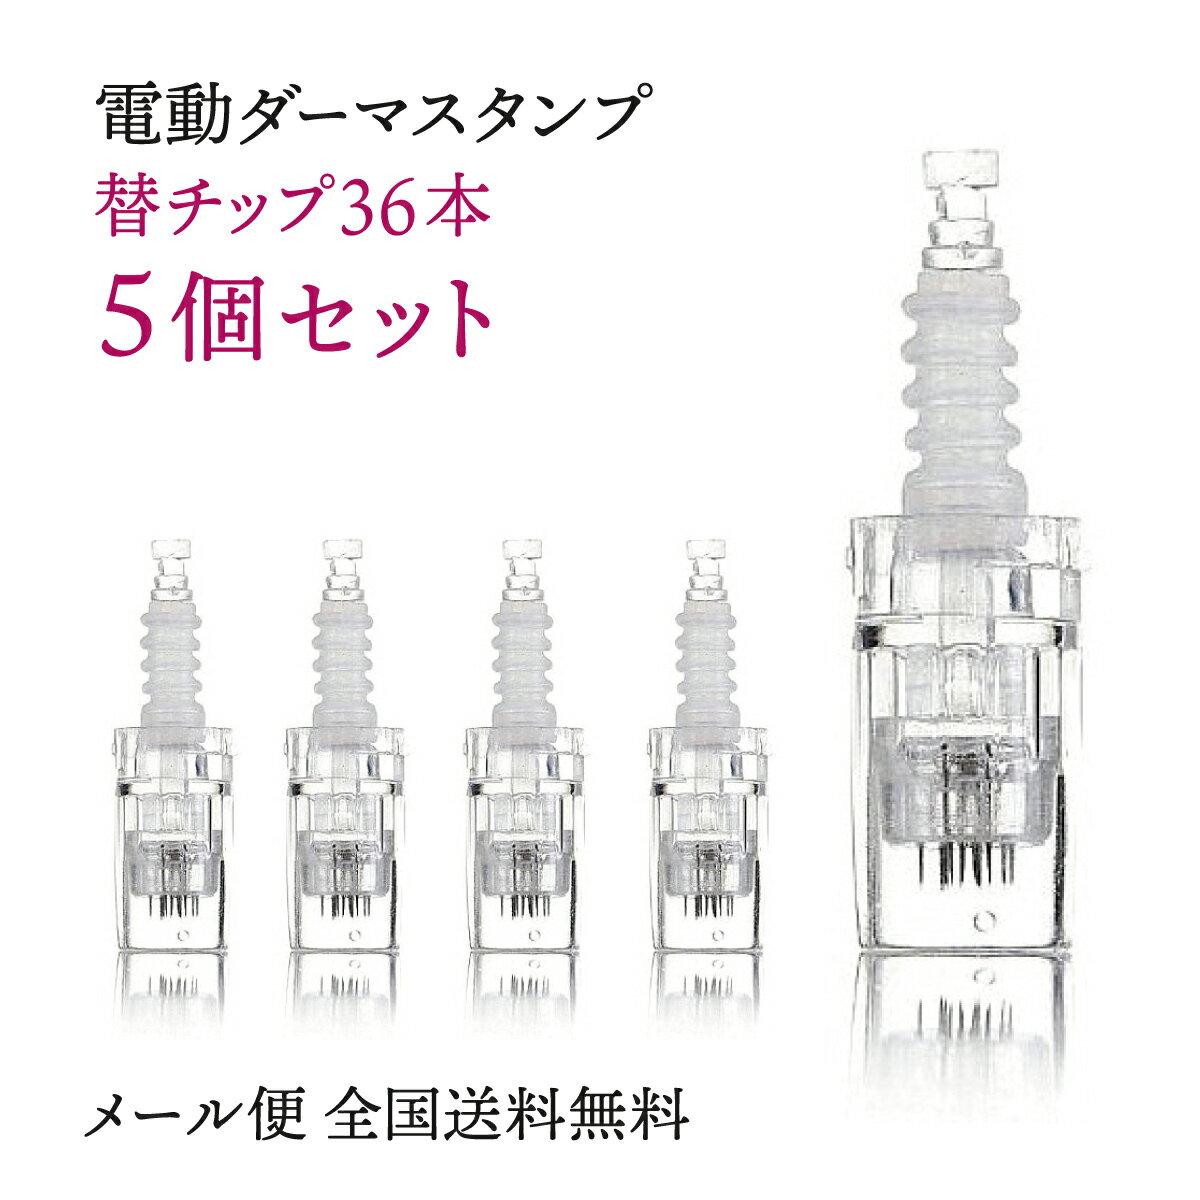 電動ダーマスタンプ替えチップ 36針タイプ 5個...の商品画像